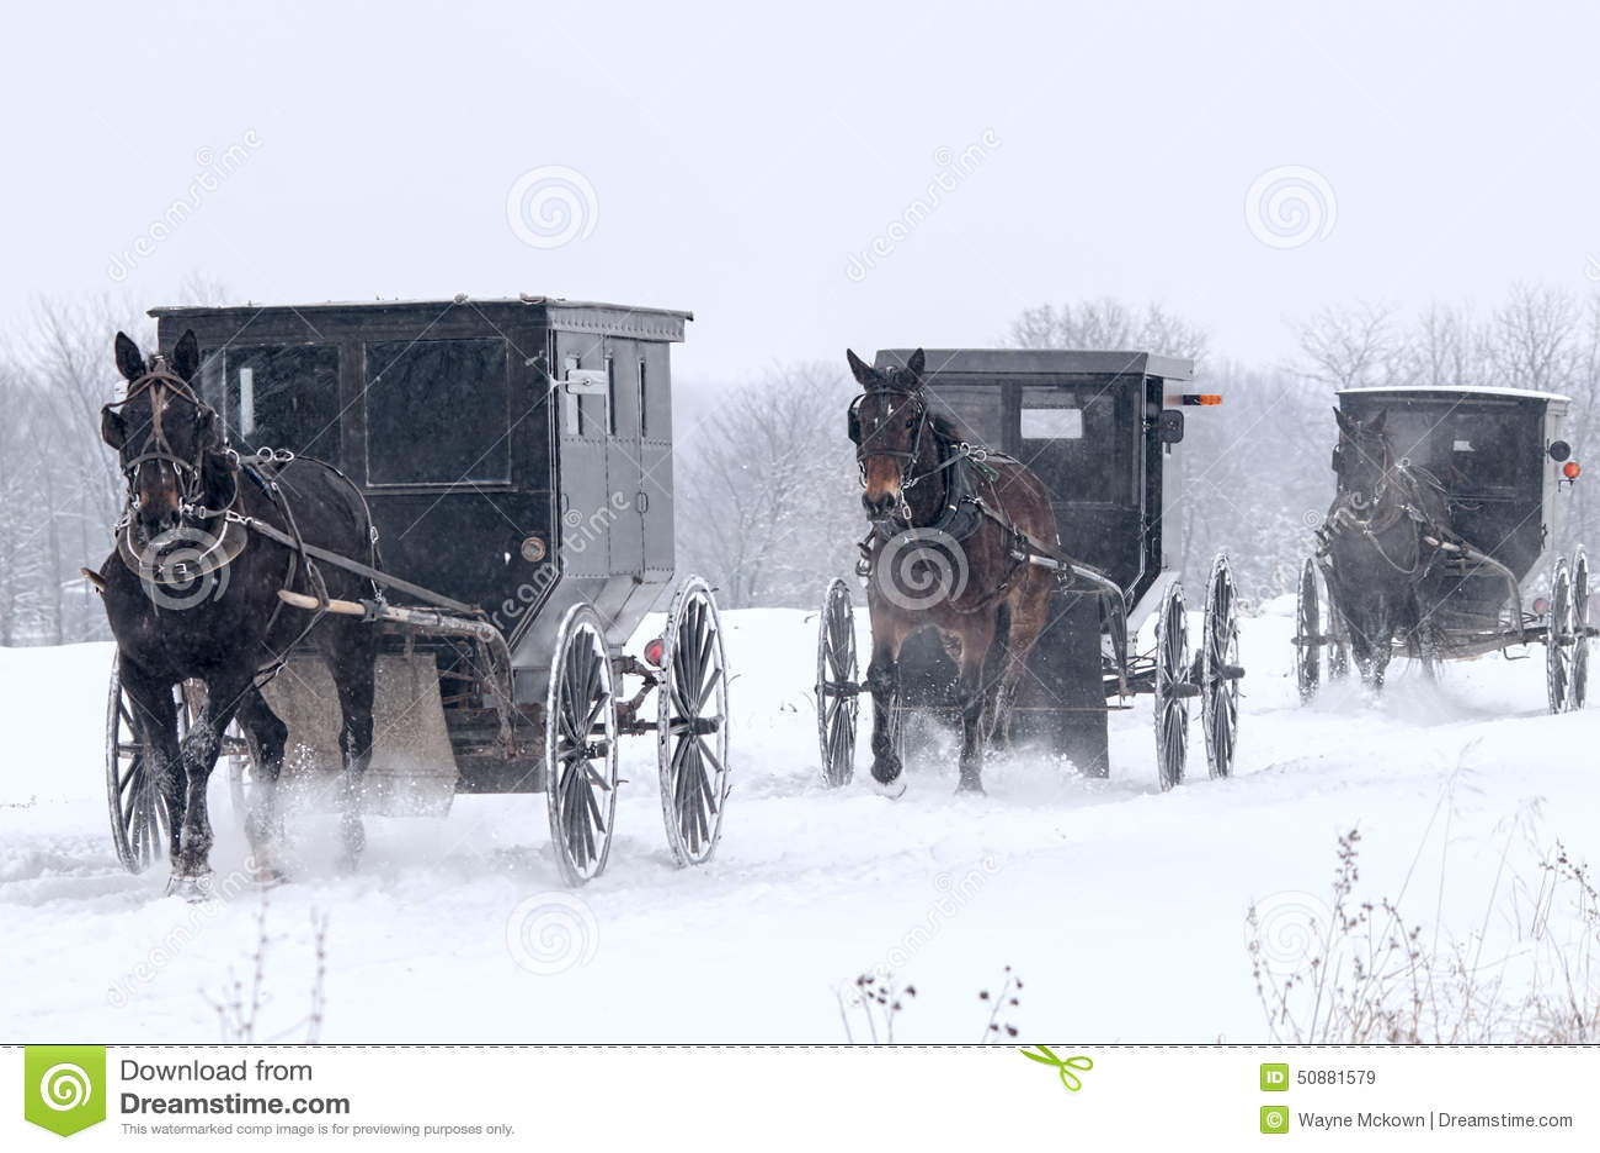 门诺派中的严紧派车水马龙,雪,风暴